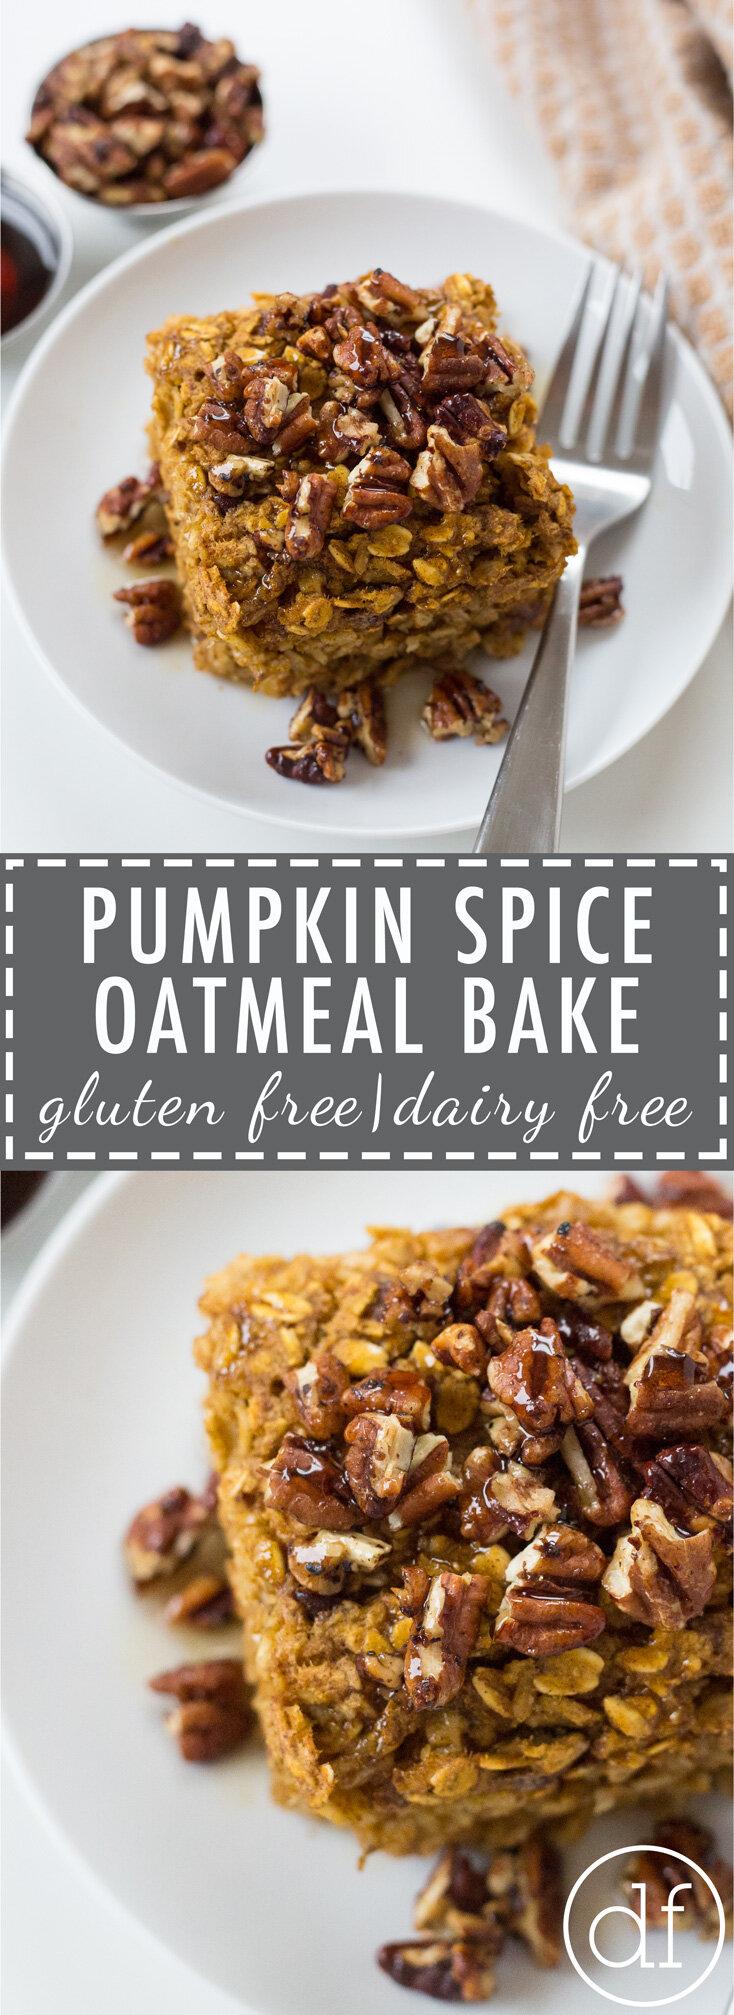 Pumpkin Spice, Oatmeal Bake, Fall Breakfast, Gluten Free, Dairy Free, Breakfast Recipe, Healthy Breakfast, Define Fettle,